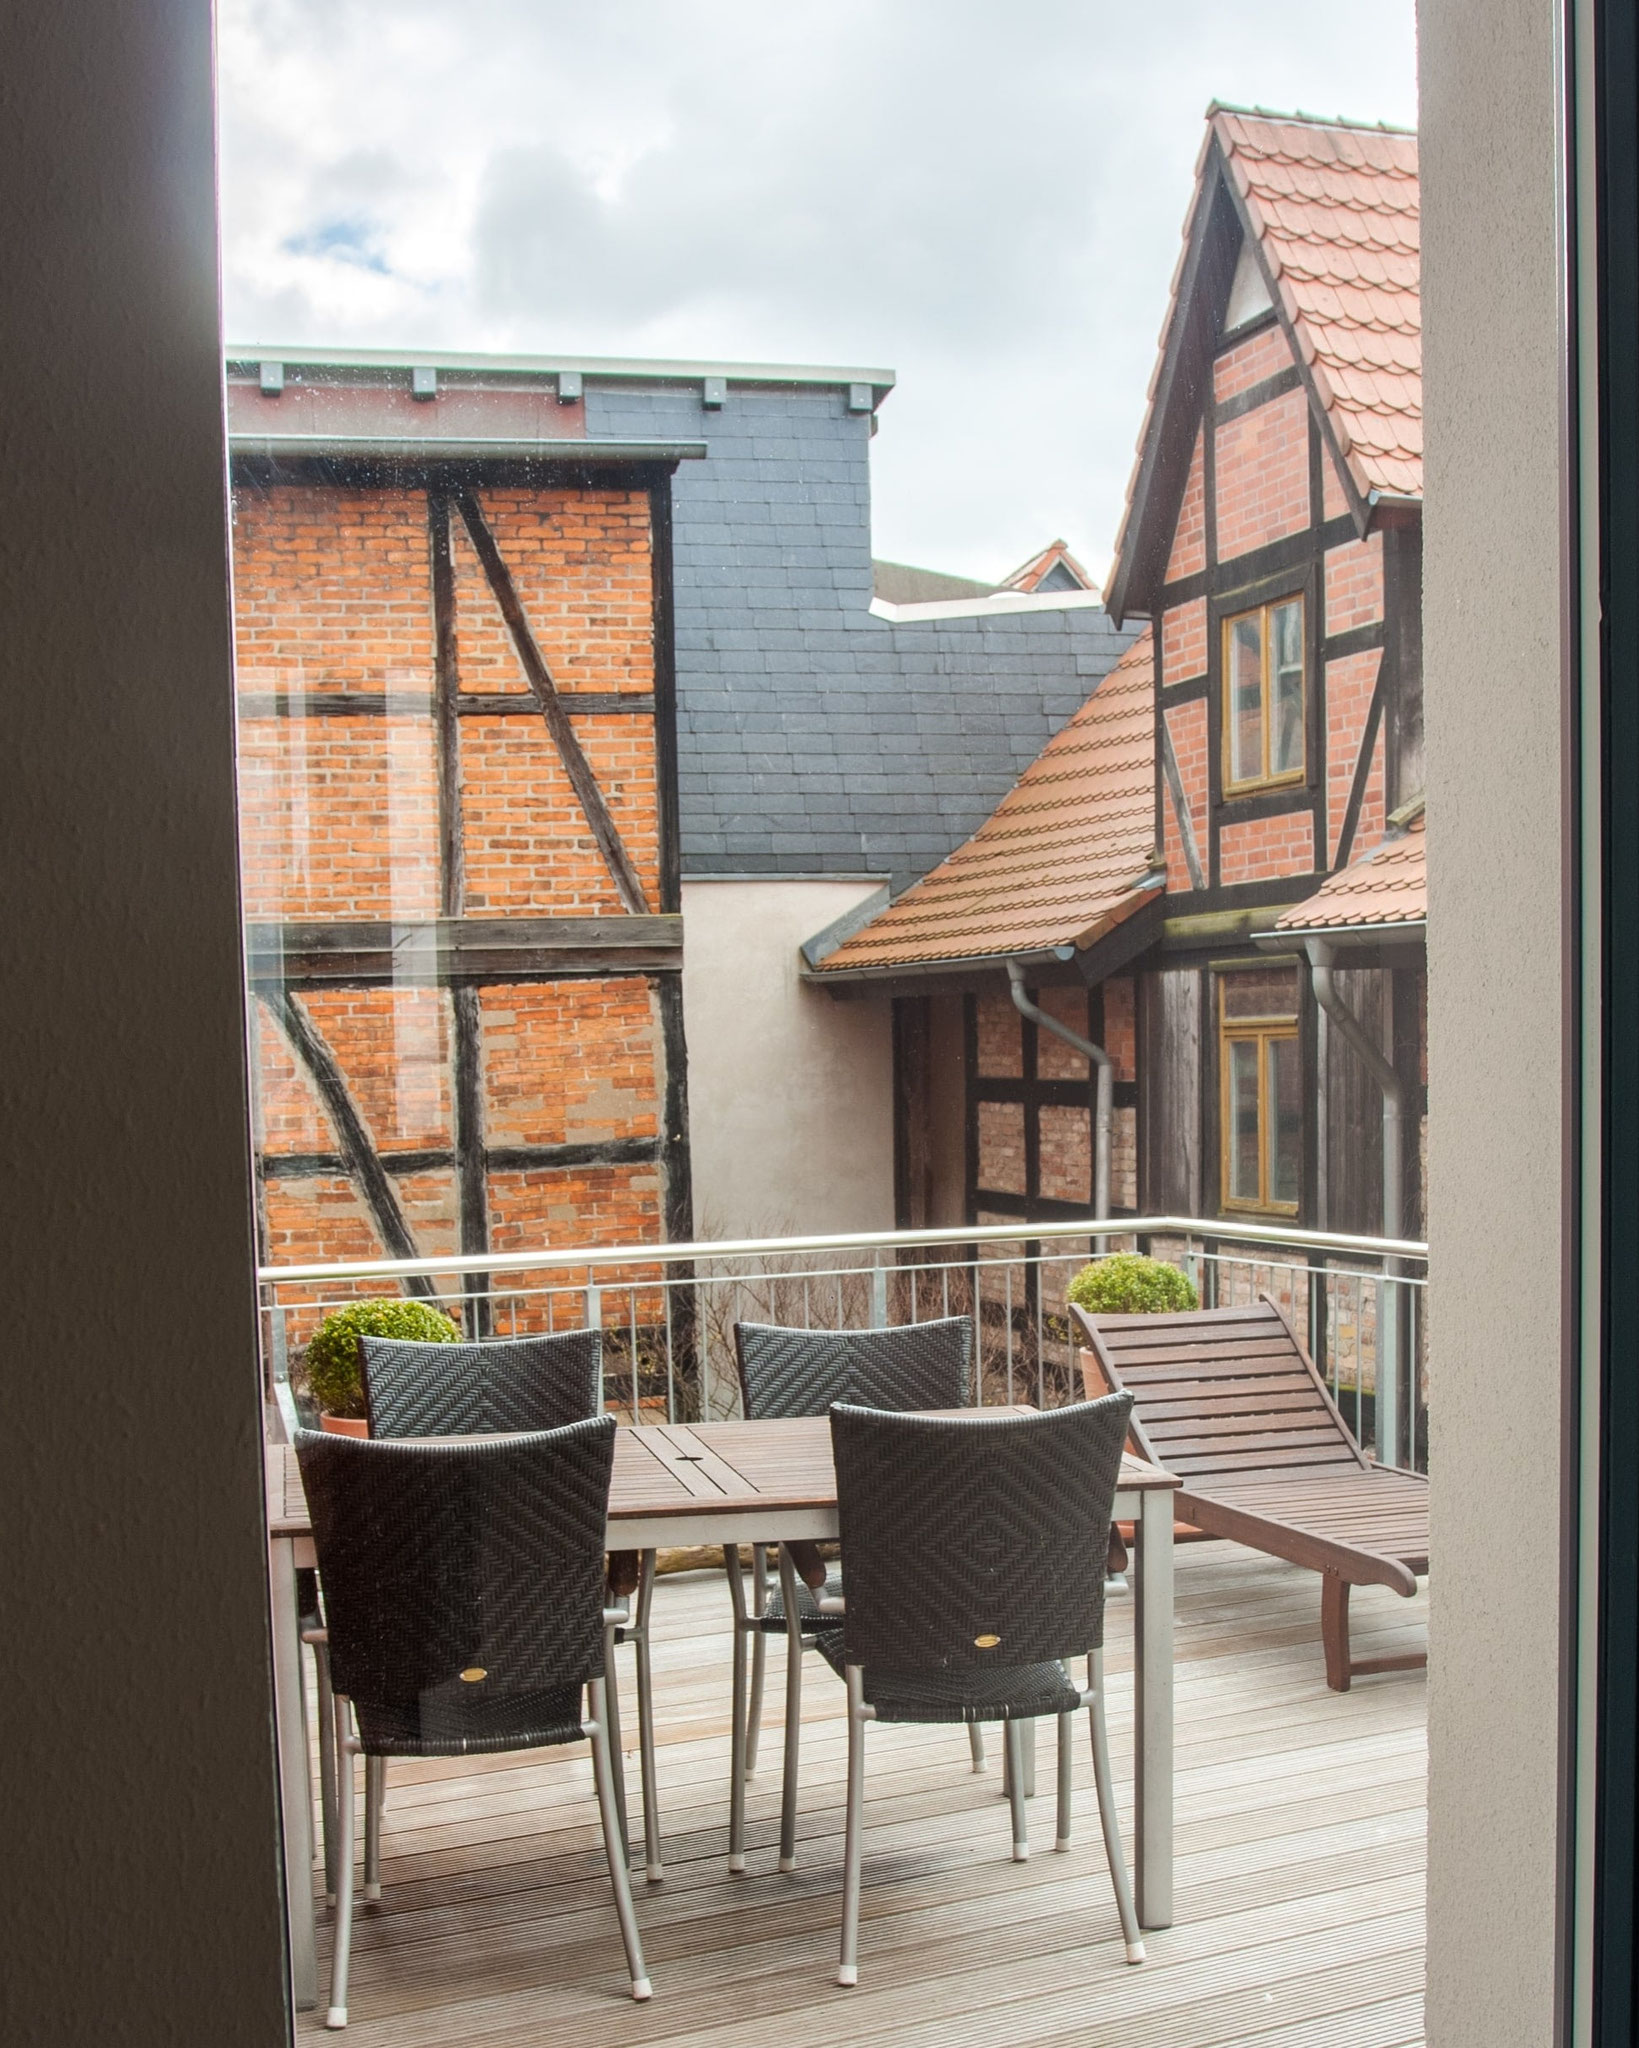 Ferienapartment Schwerin - wunderschöne Dachterrasse mit Balkonmöbeln